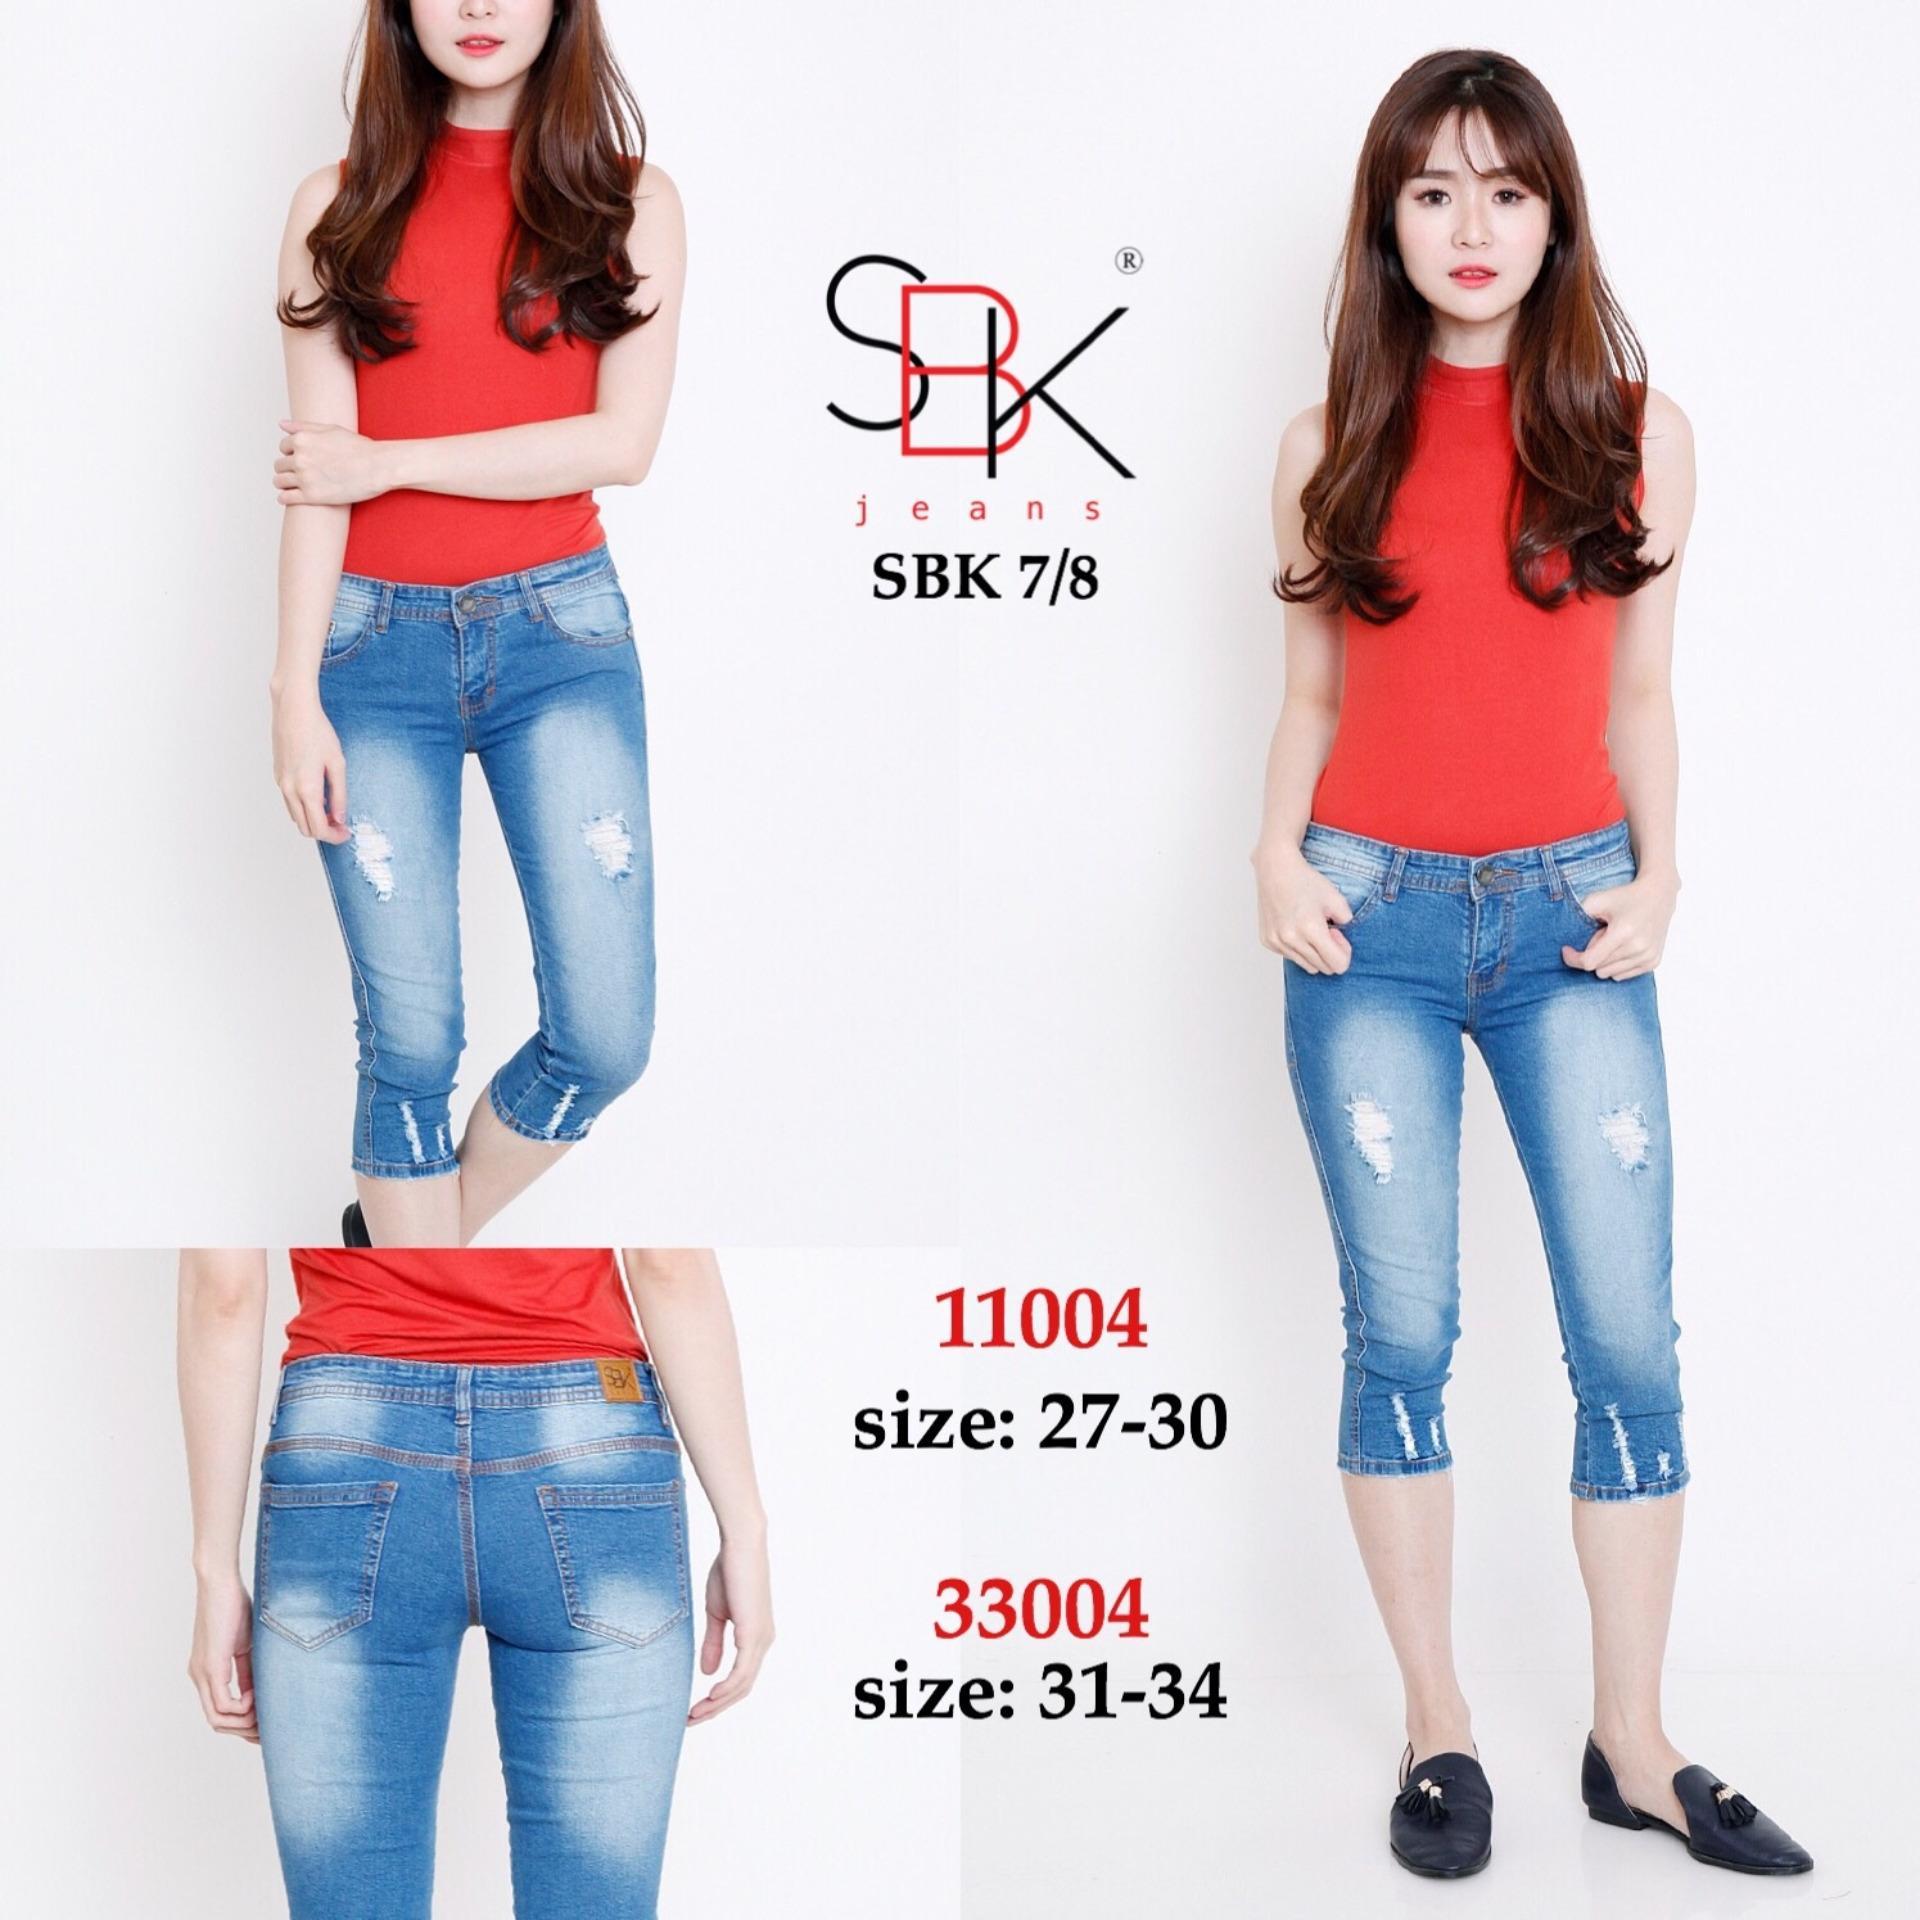 Spesifikasi Celana Jeans Wanita 7 8 Premium Sbk 11004 Bagus